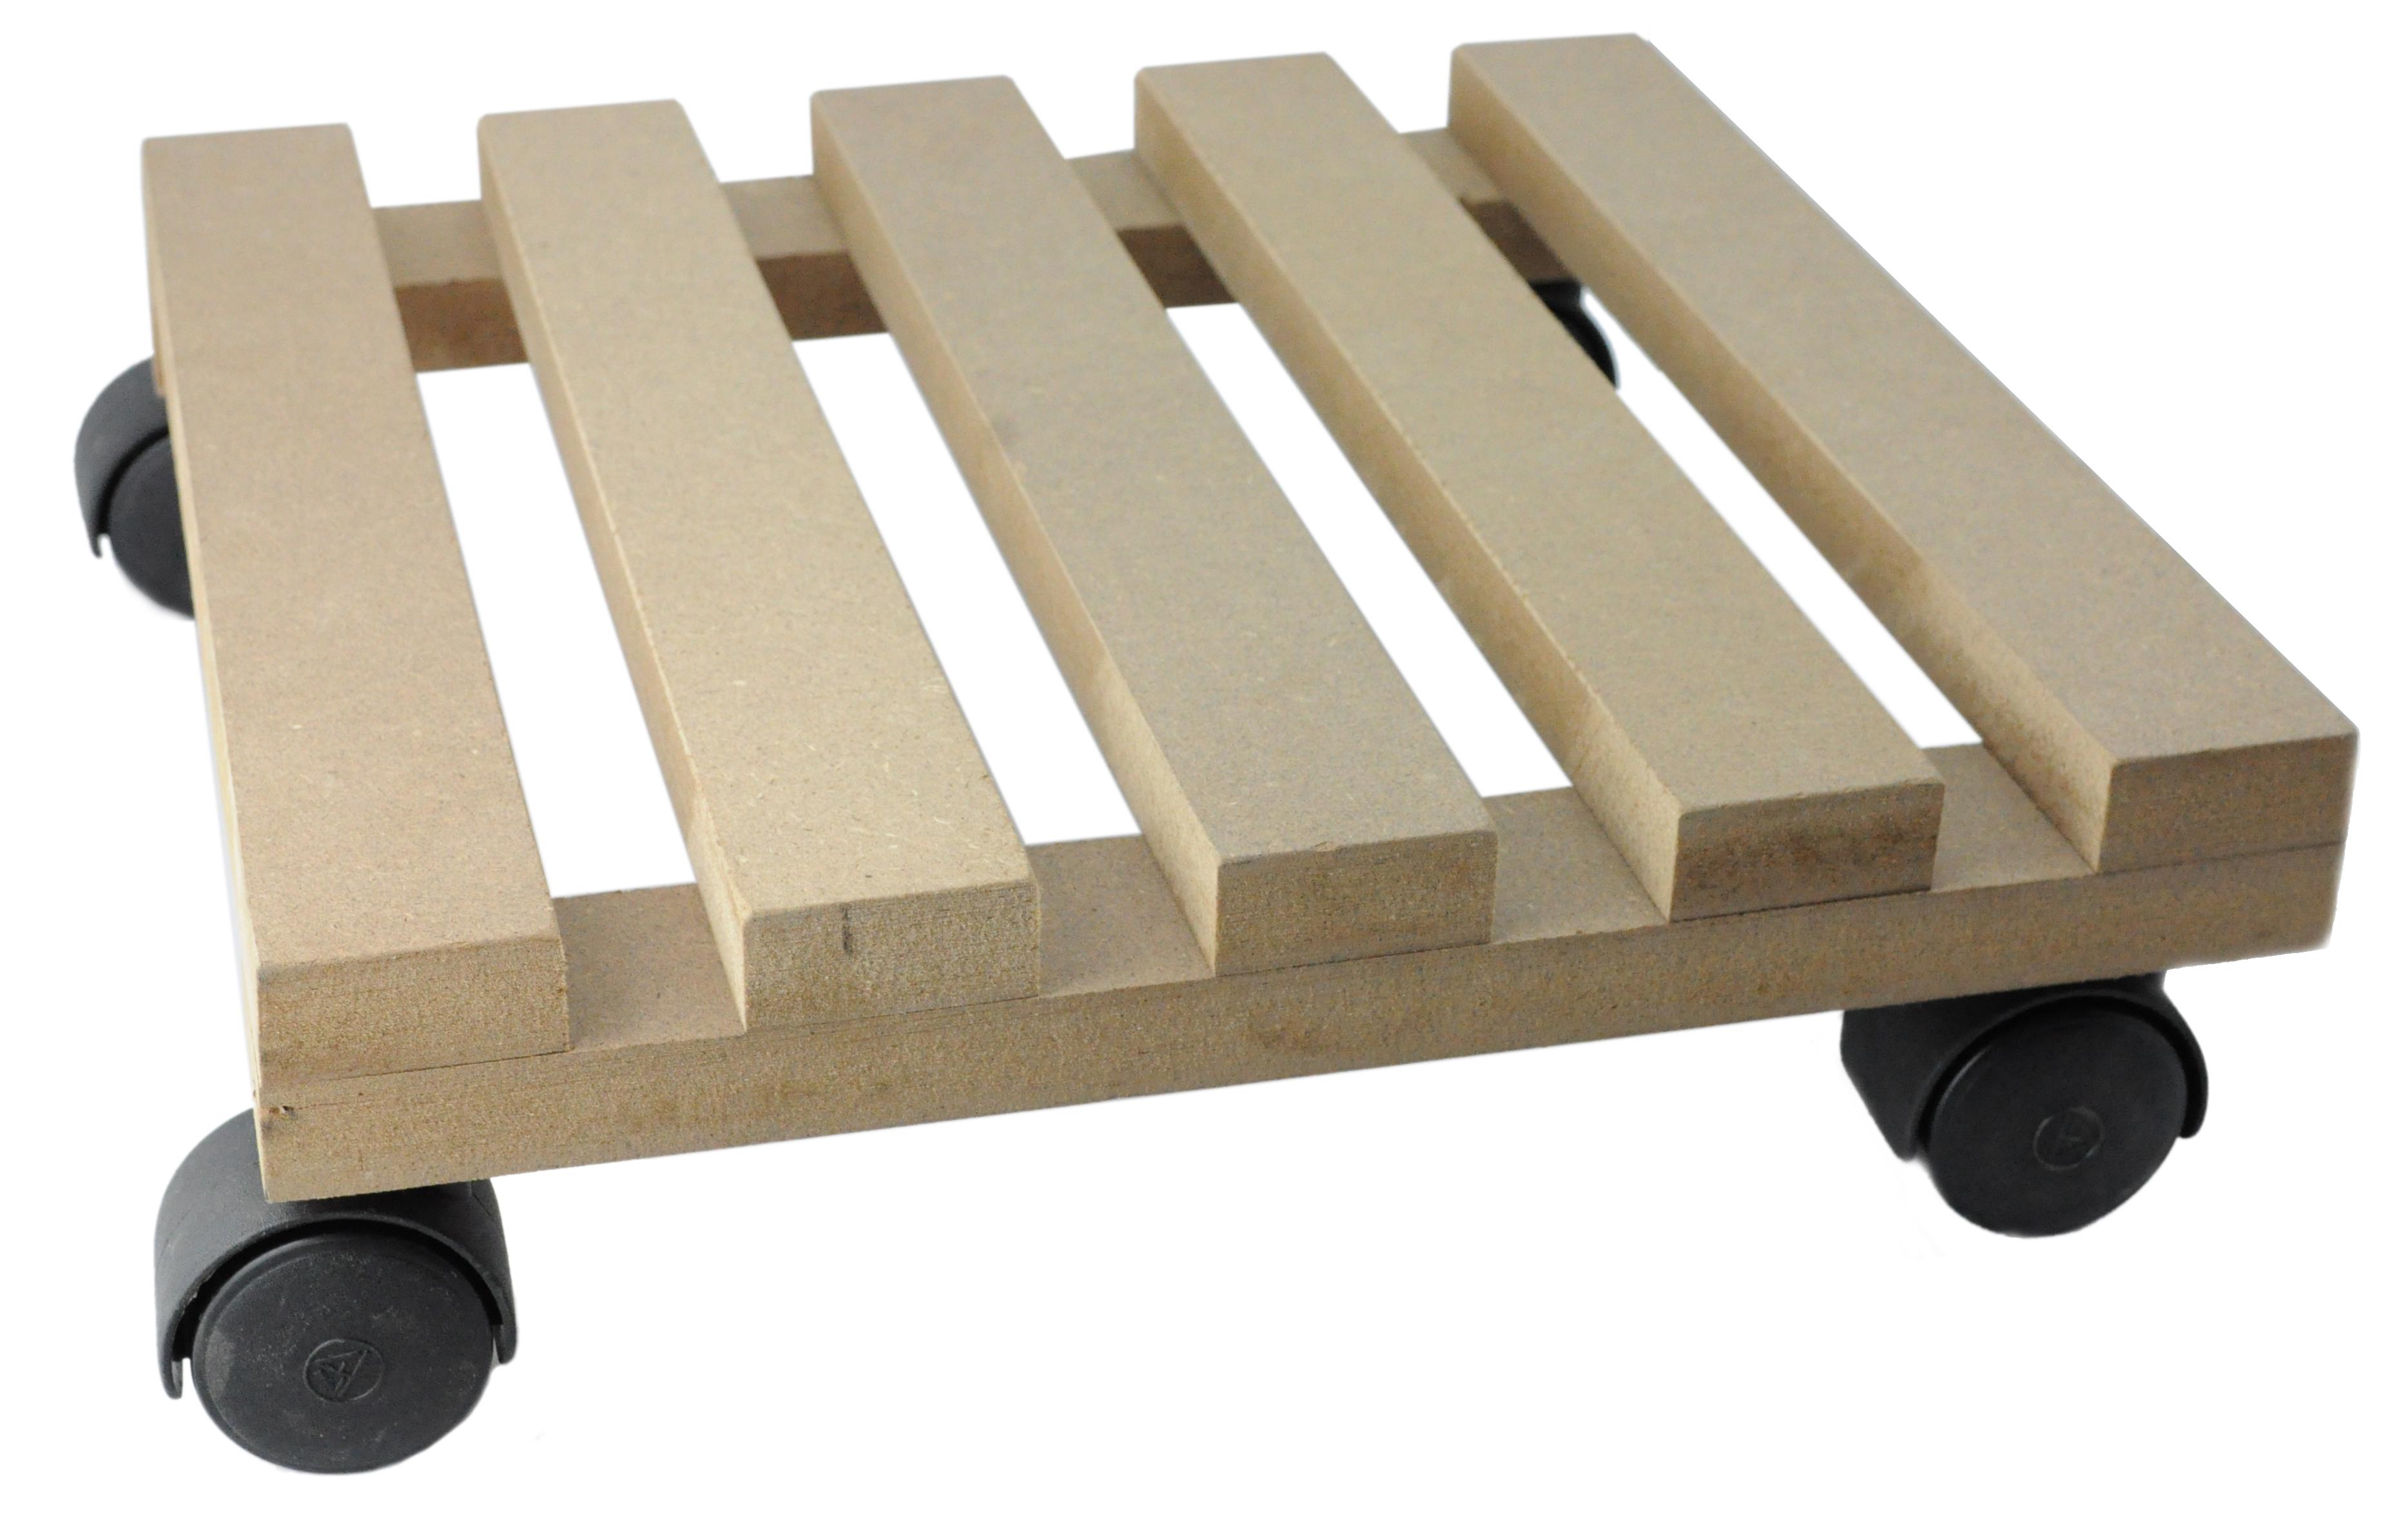 blumenuntersetzer rolluntersetzer pflanzenroller blumenroller aus mdf 30 x 30 cm ebay. Black Bedroom Furniture Sets. Home Design Ideas